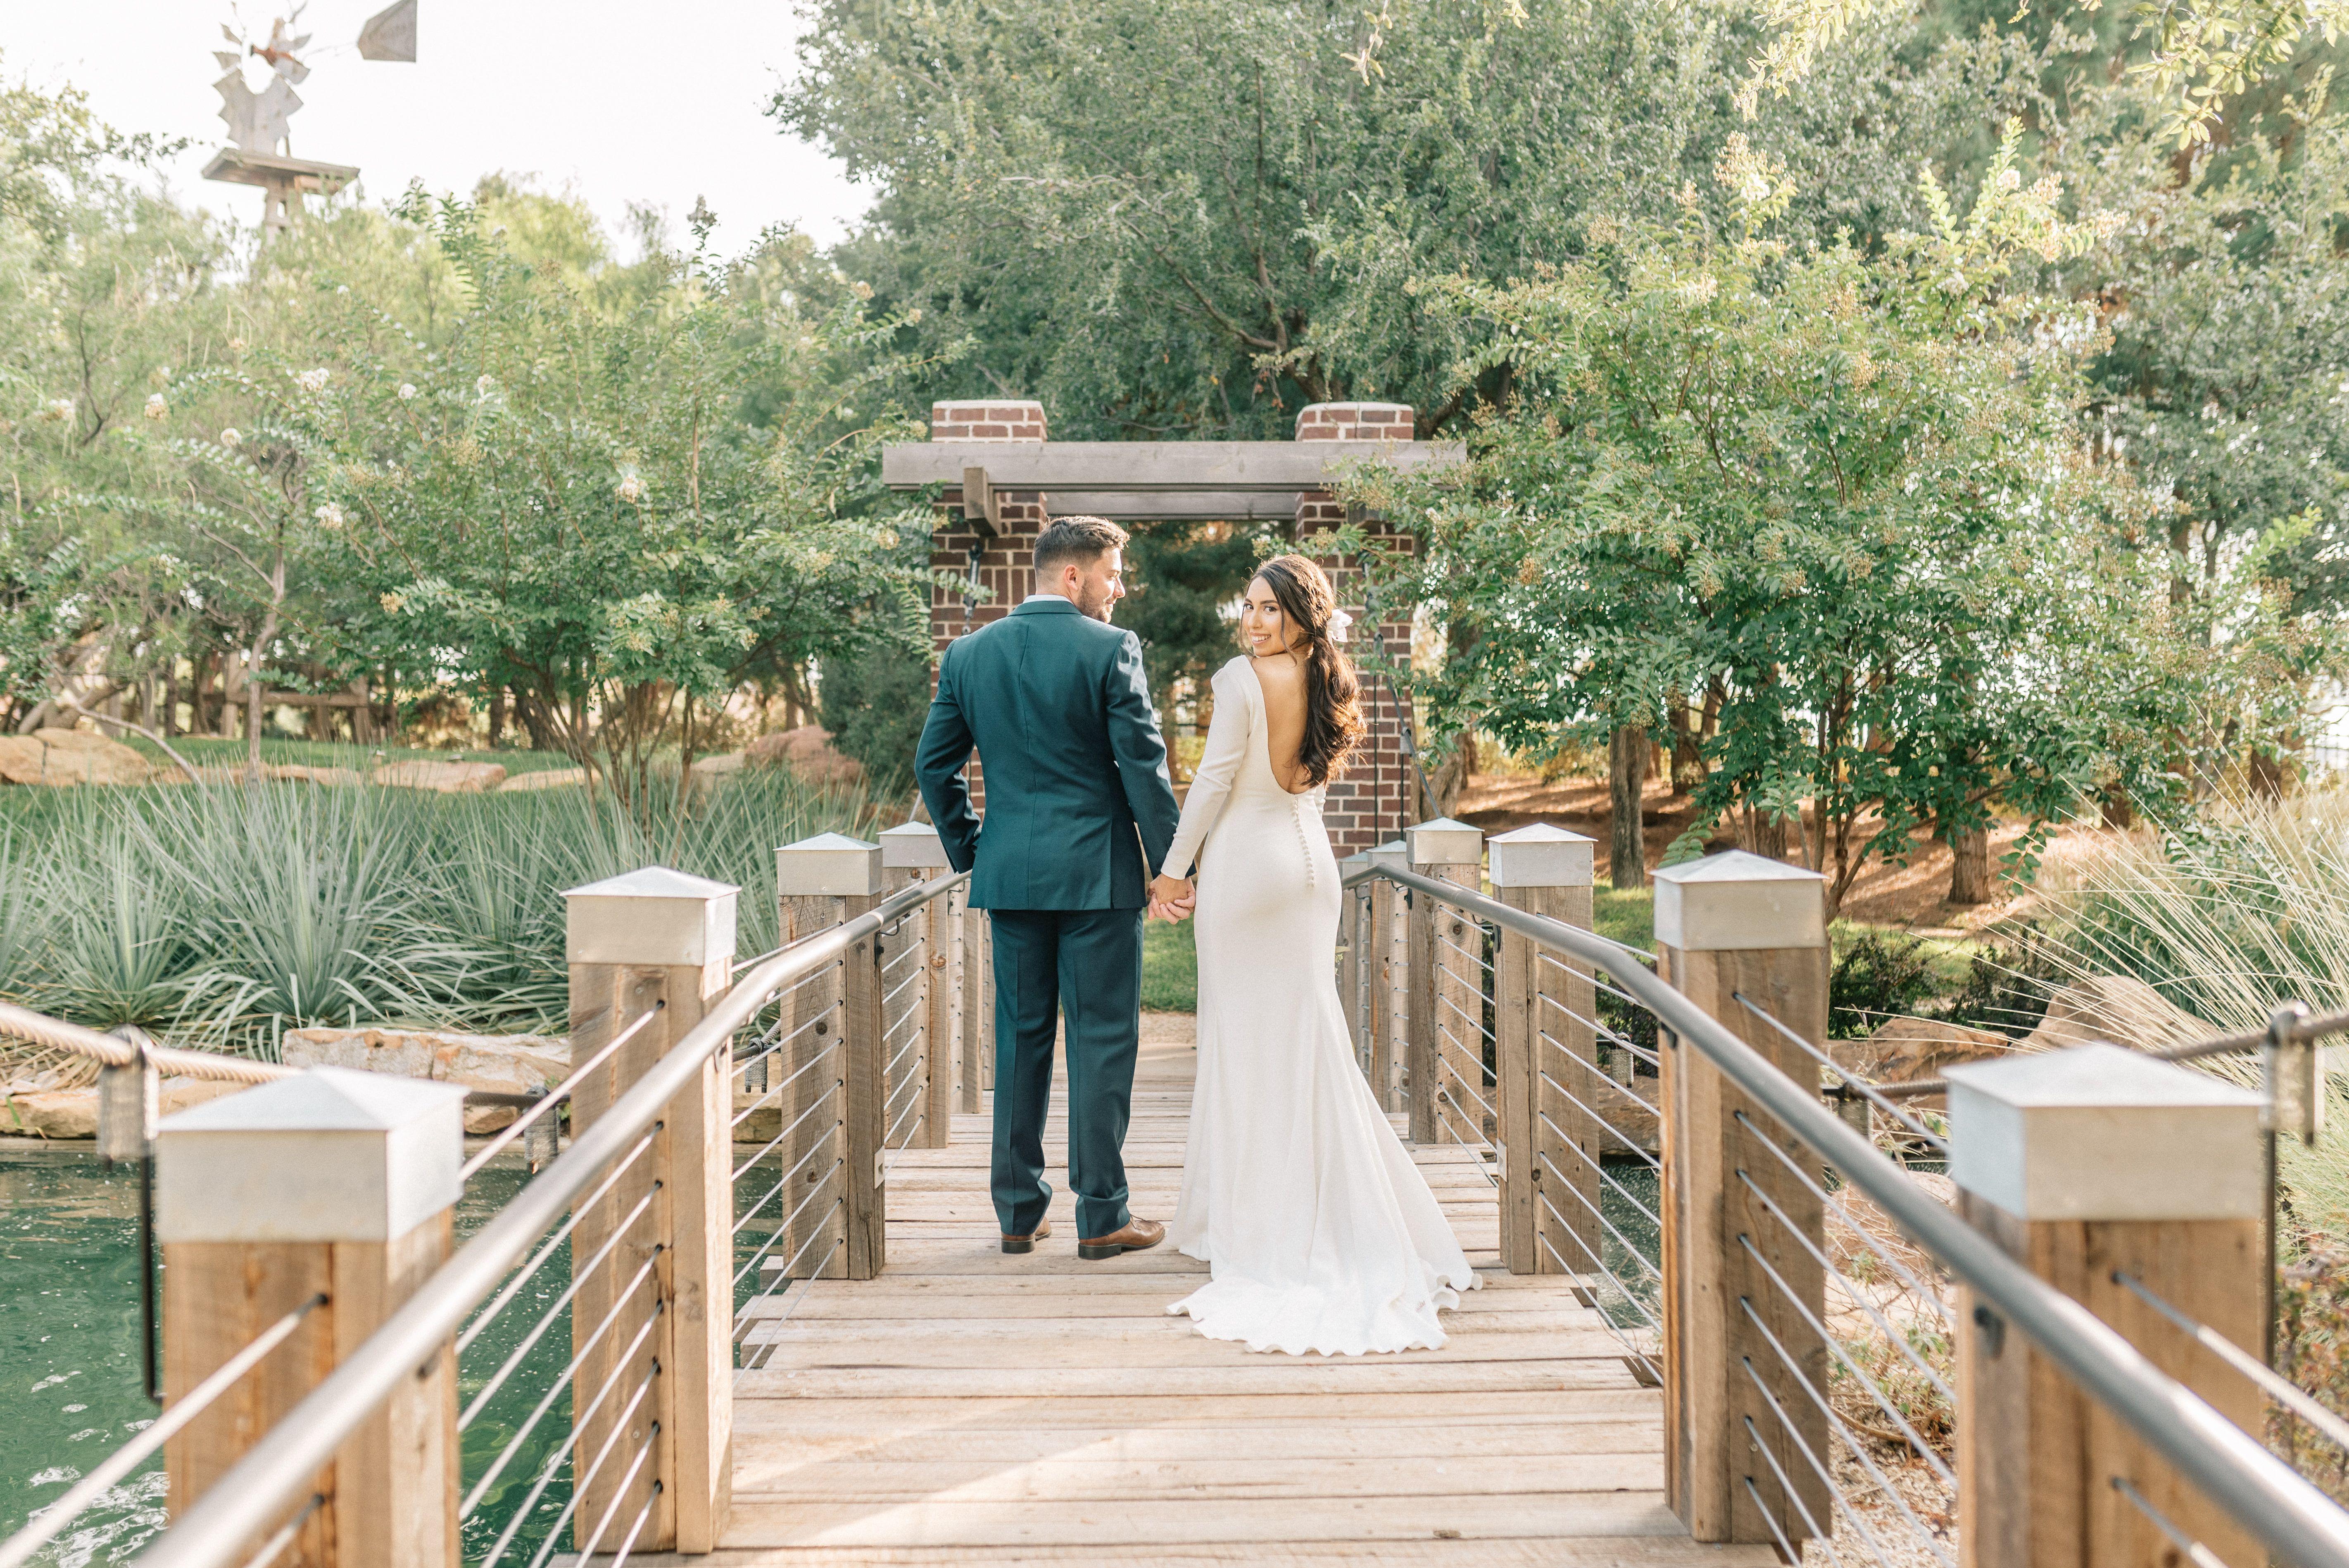 46++ Outdoor wedding venues lubbock tx info